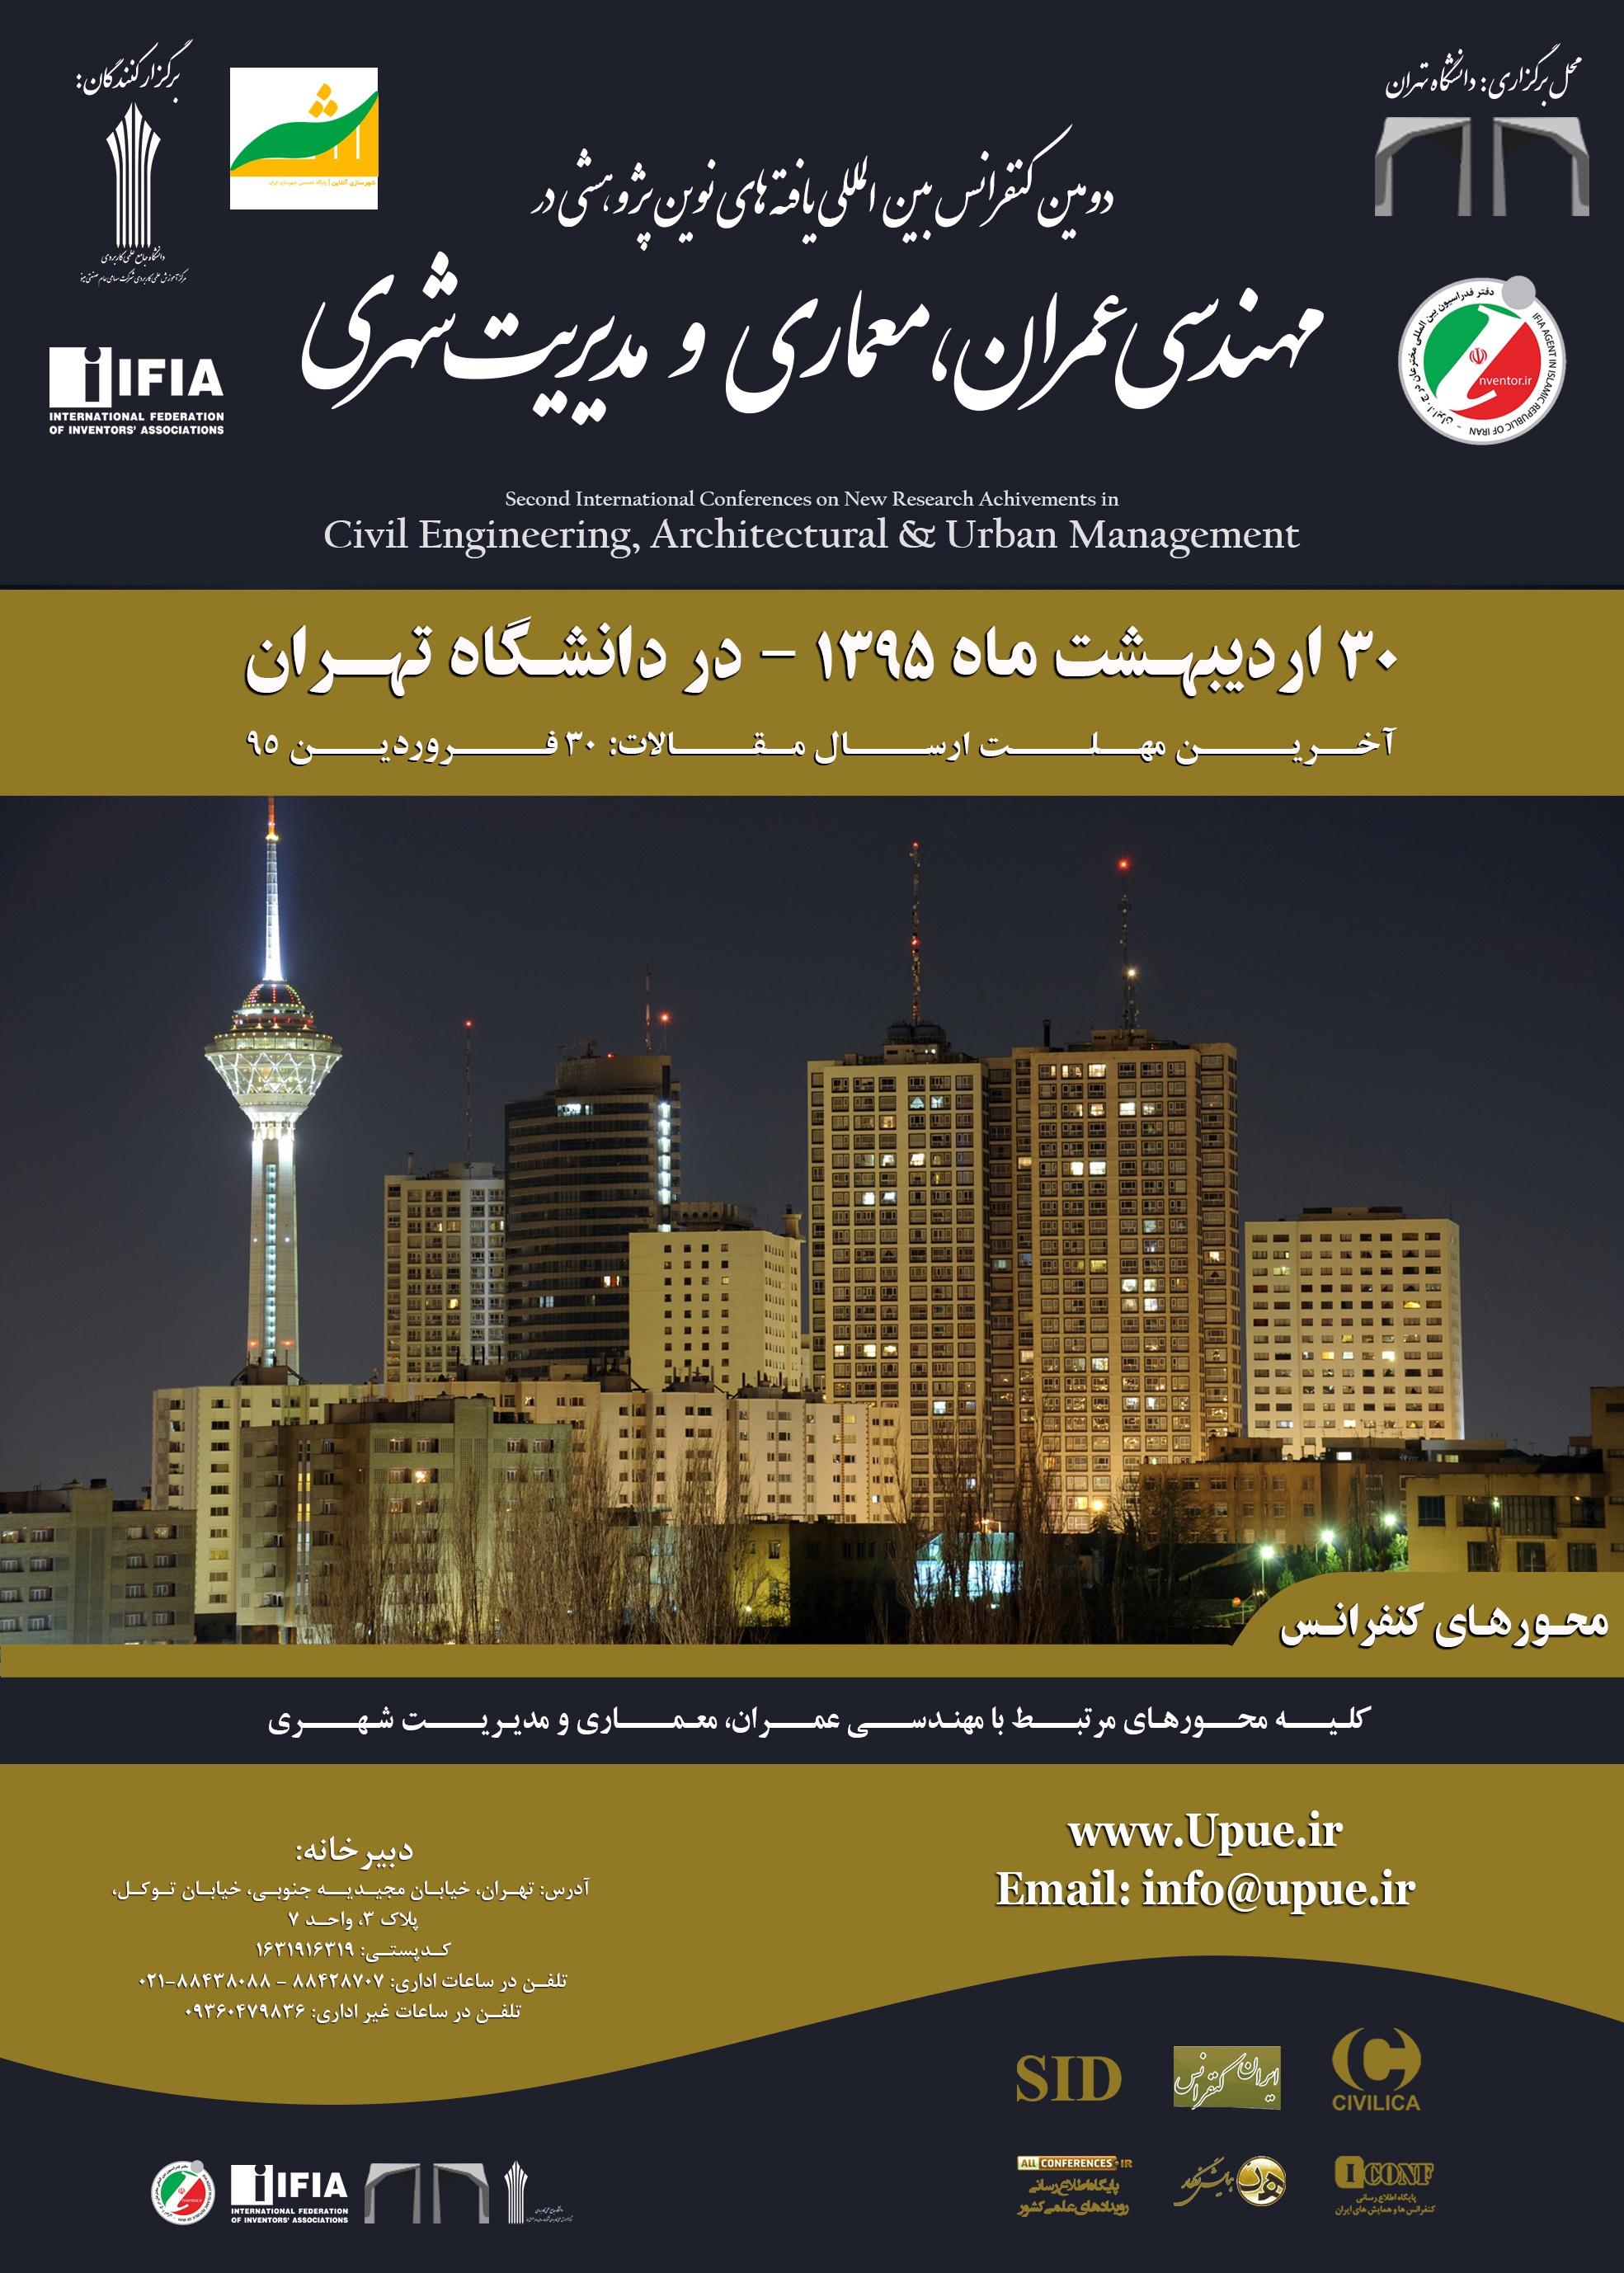 دومین کنفرانس بین المللی یافته های نوین پژوهشی در مهندسی عمران، معماری و مدیریت شهری